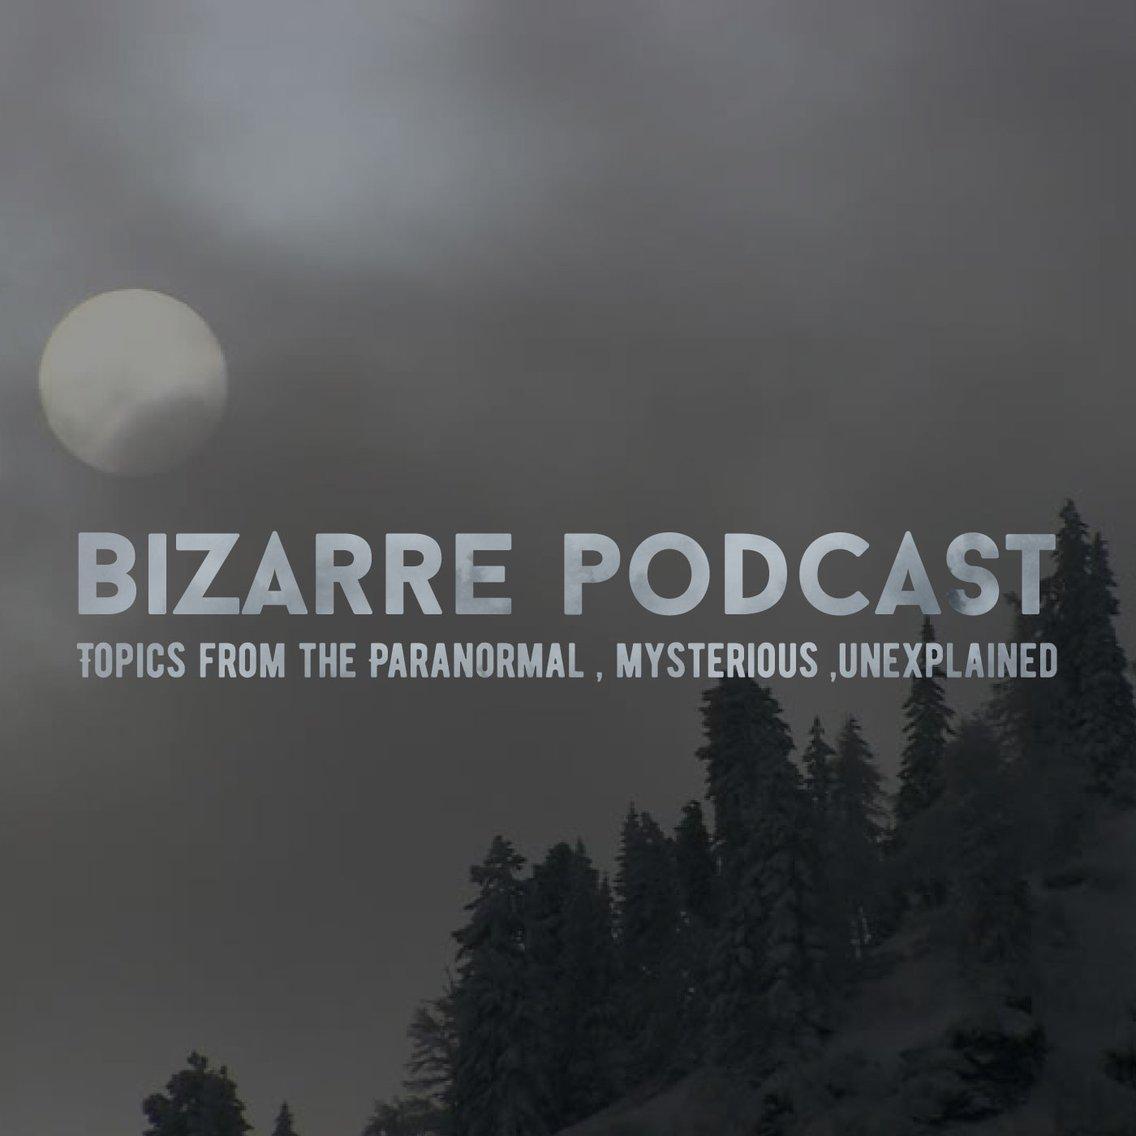 Bizarre podcast - Cover Image